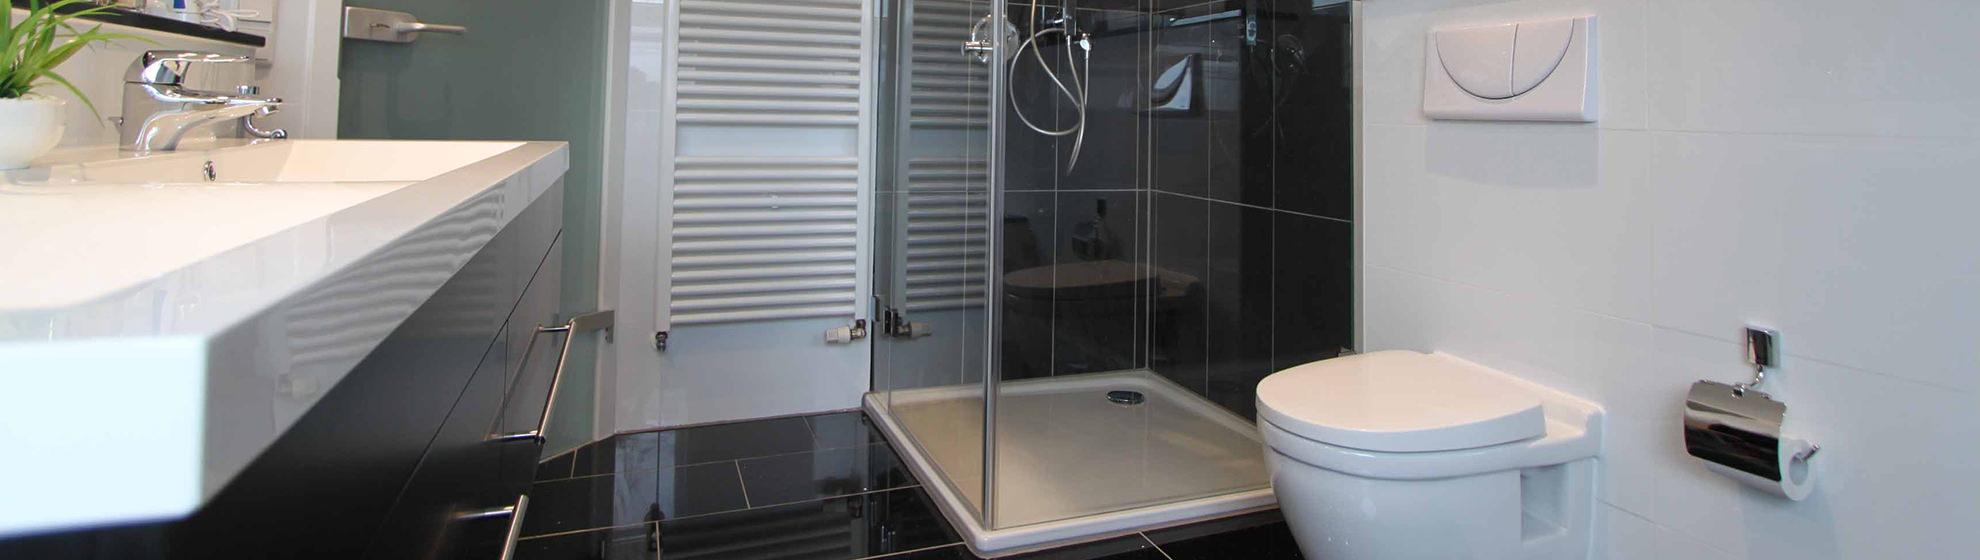 Glas, Bad, Bäder, Ganzglasduschen, Dusche, Modernisierung, Glas im